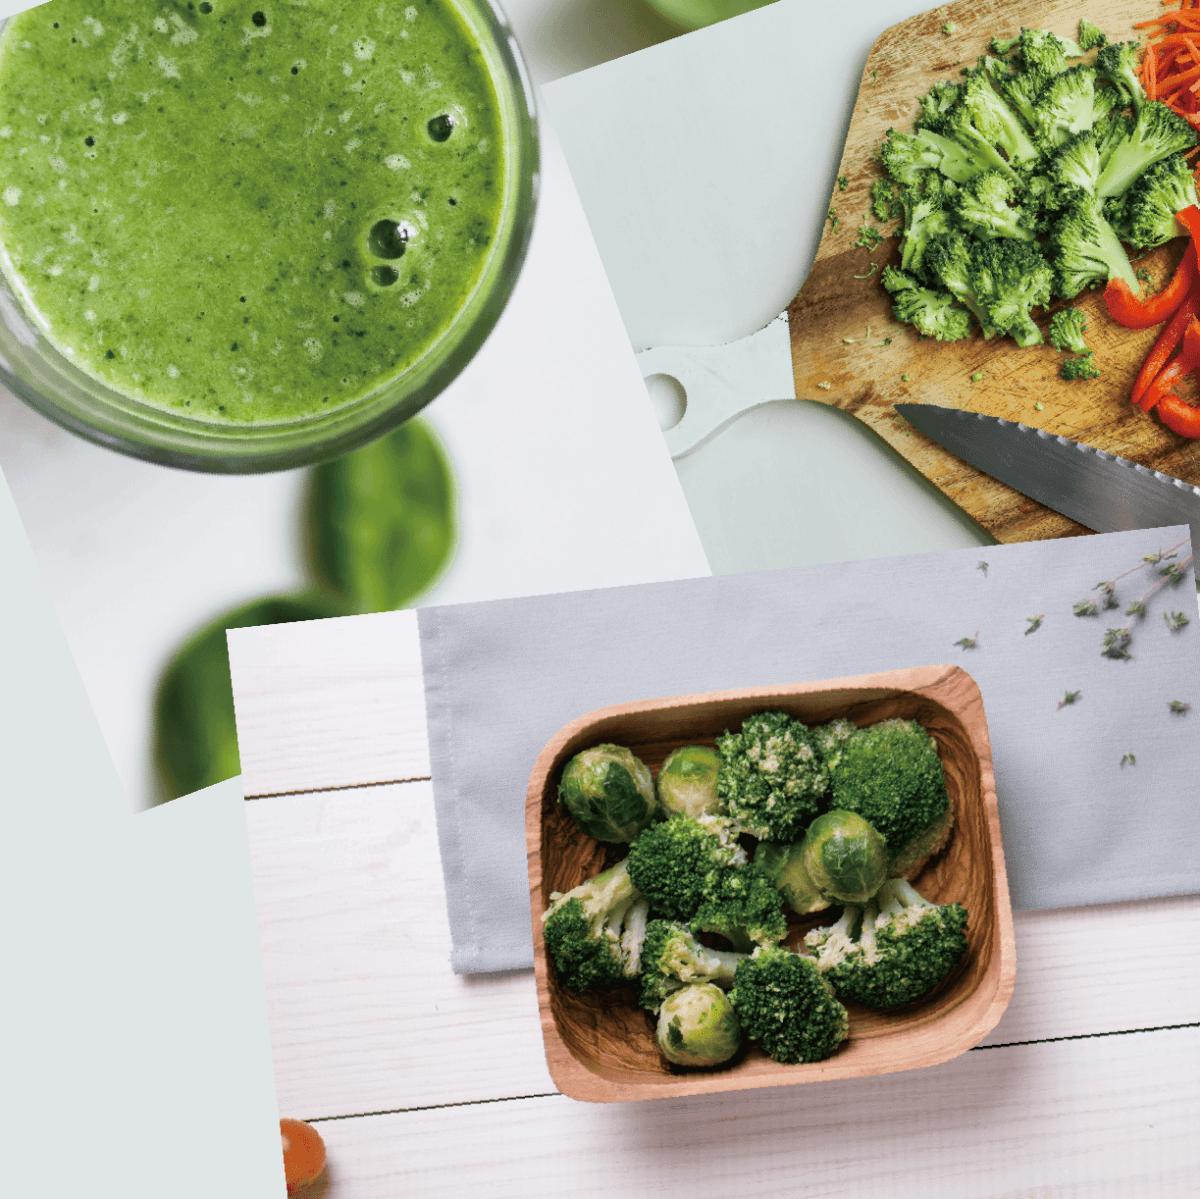 【田食原】鮮凍青花菜1KG 綠花椰菜 冷凍蔬菜 健康減醣 健身餐 養生團購美食 好吃方便 低熱量 2